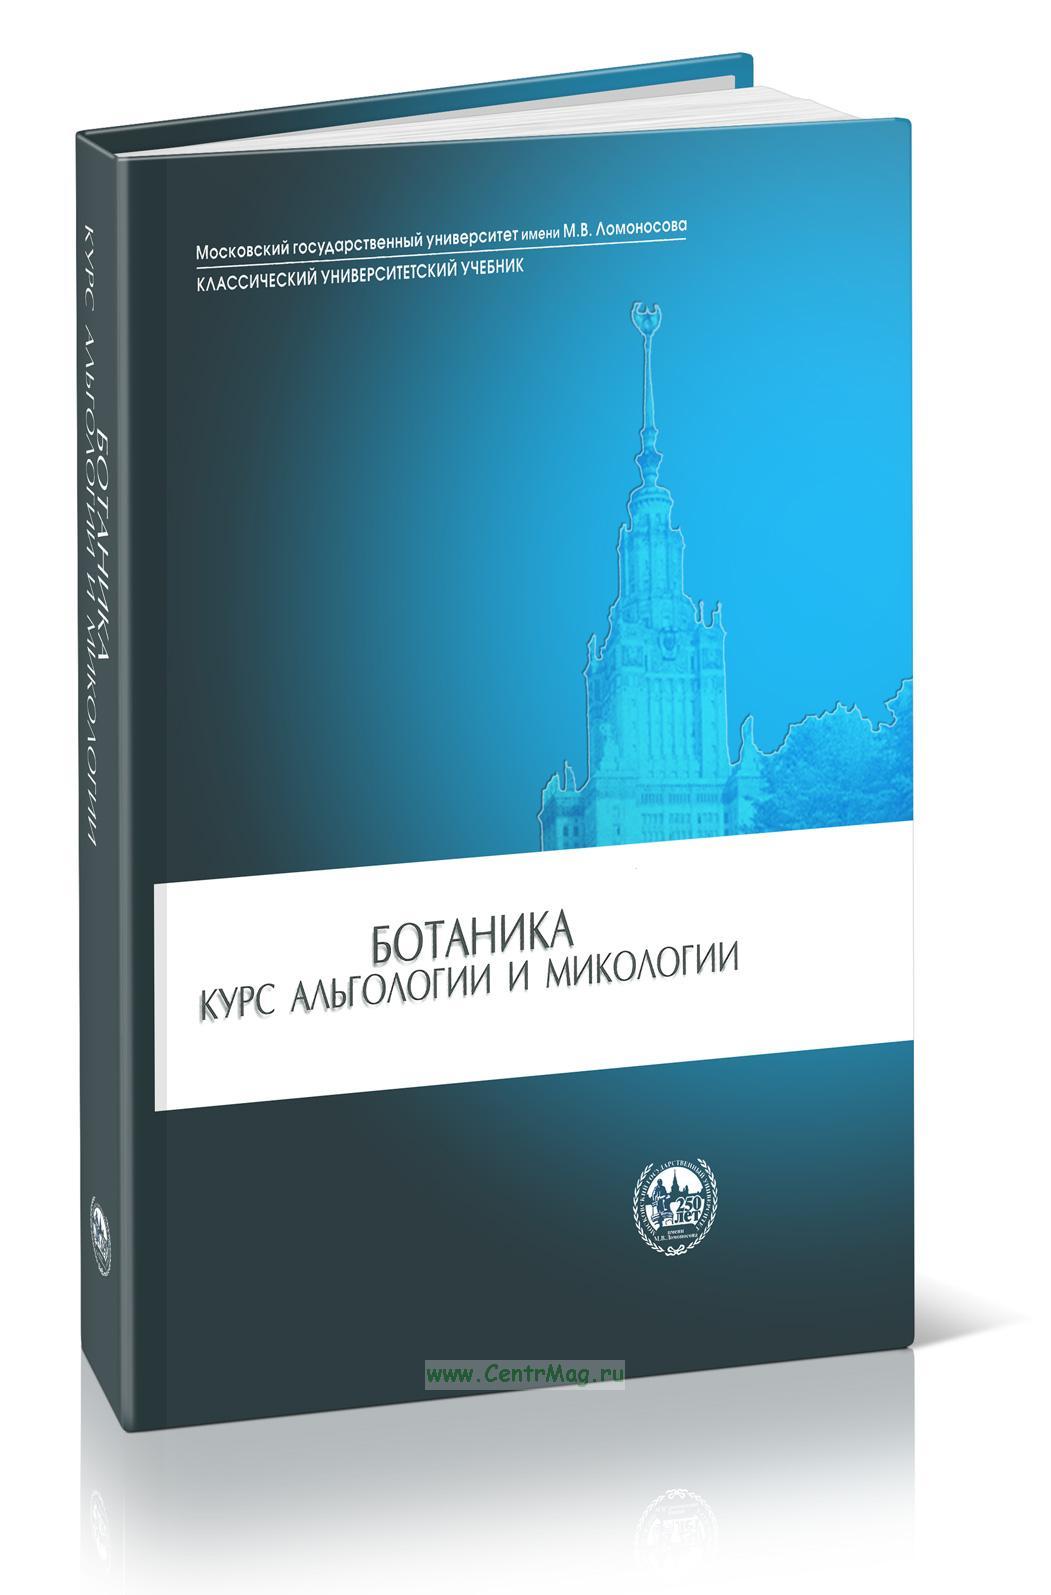 Ботаника: Курс альгологии и микологии: Учебник